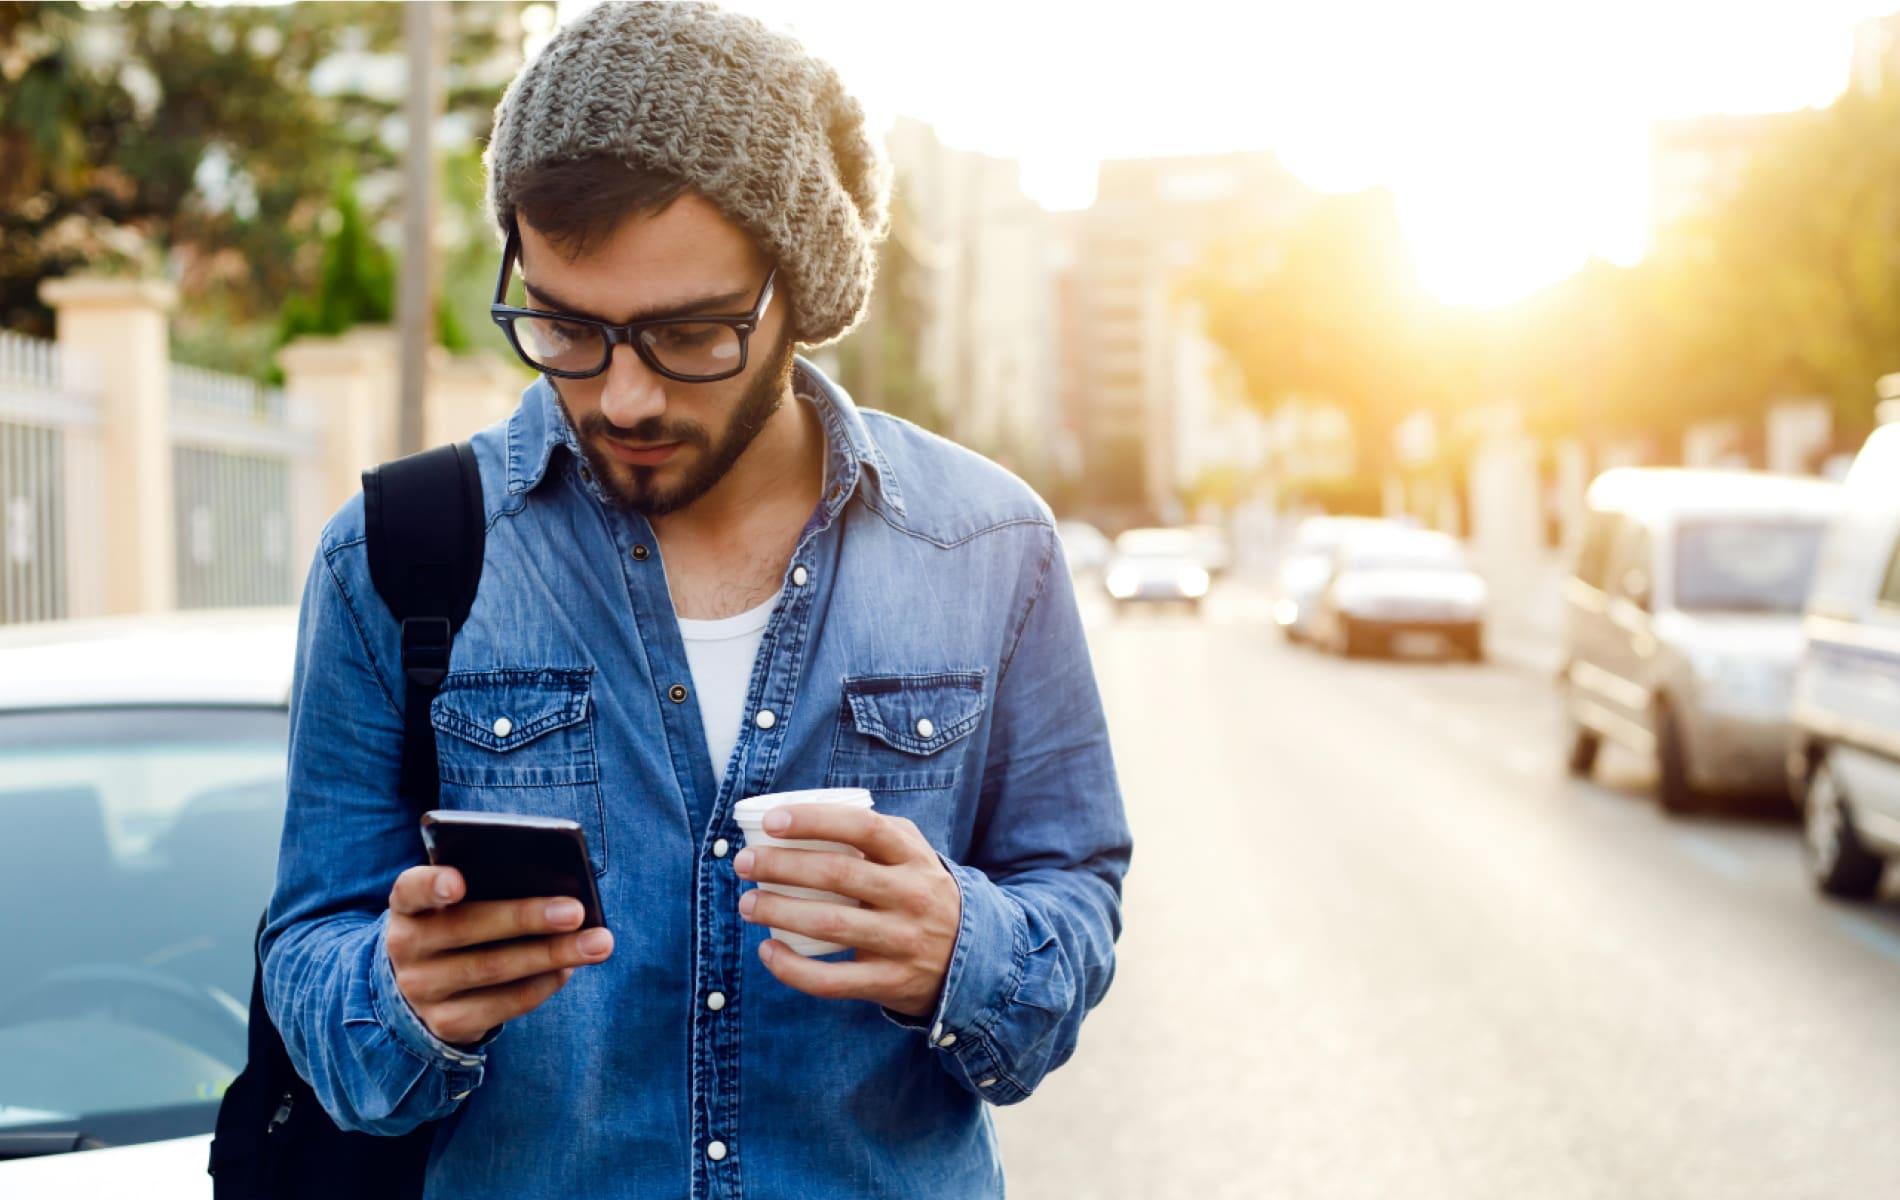 Junger Mann steht mit Smartphone am Straßenrand